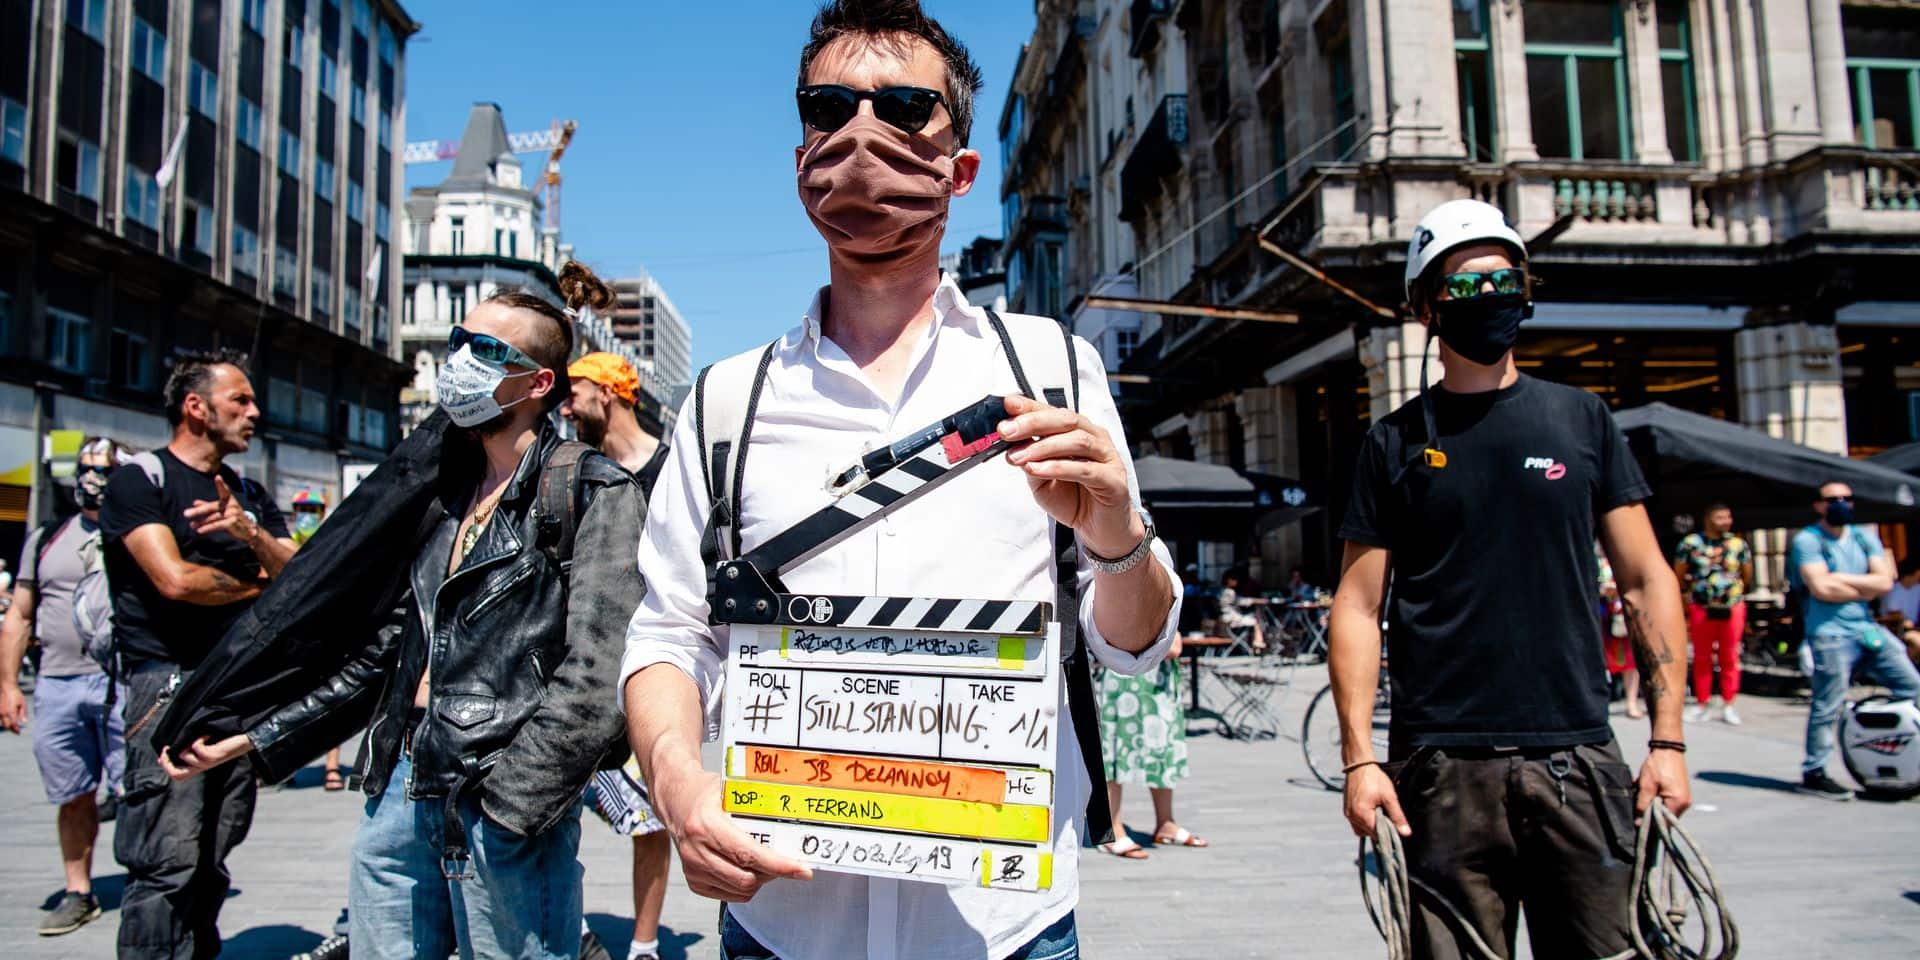 Bruxelles - Place de la Bourse: Happening du secteur culturel contre renvoi en conseil d'etat de mesures d'aide au secteur par 4 partis flamands - statut artiste - still standing - #stillstanding - artistes - culture - belgique